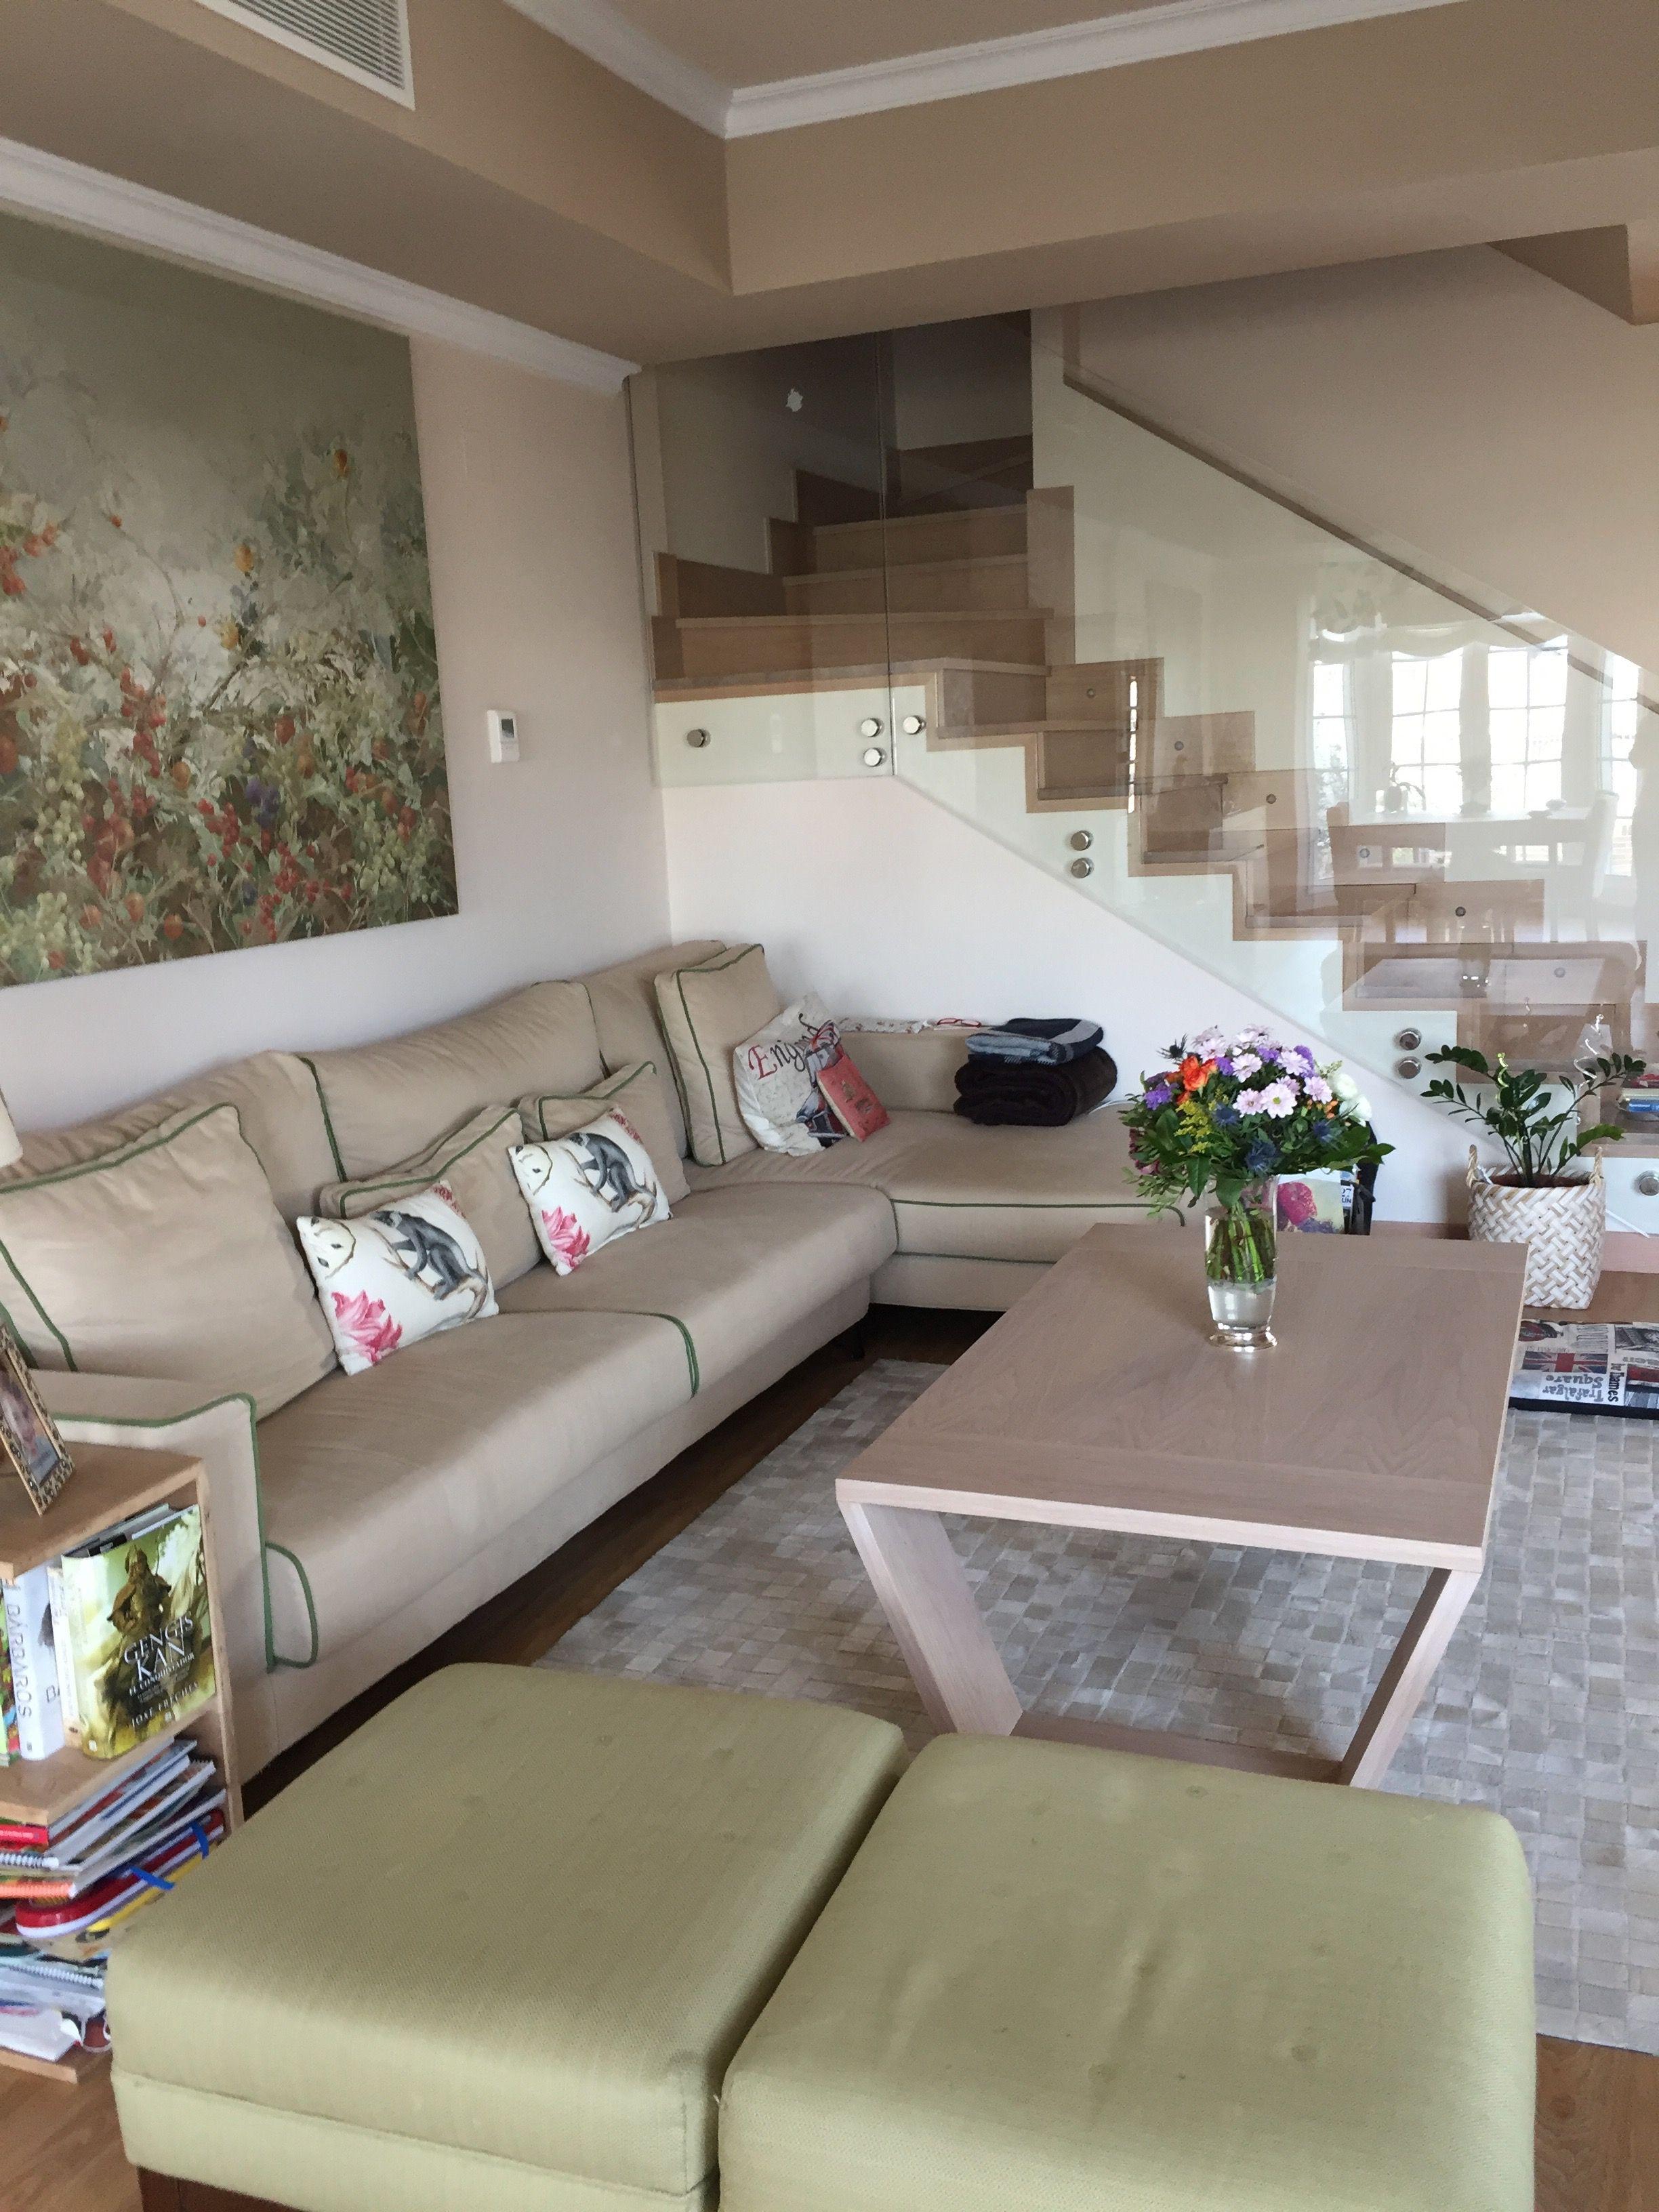 Gloria moraleda decoraci n de interiores for Empresas de decoracion de interiores